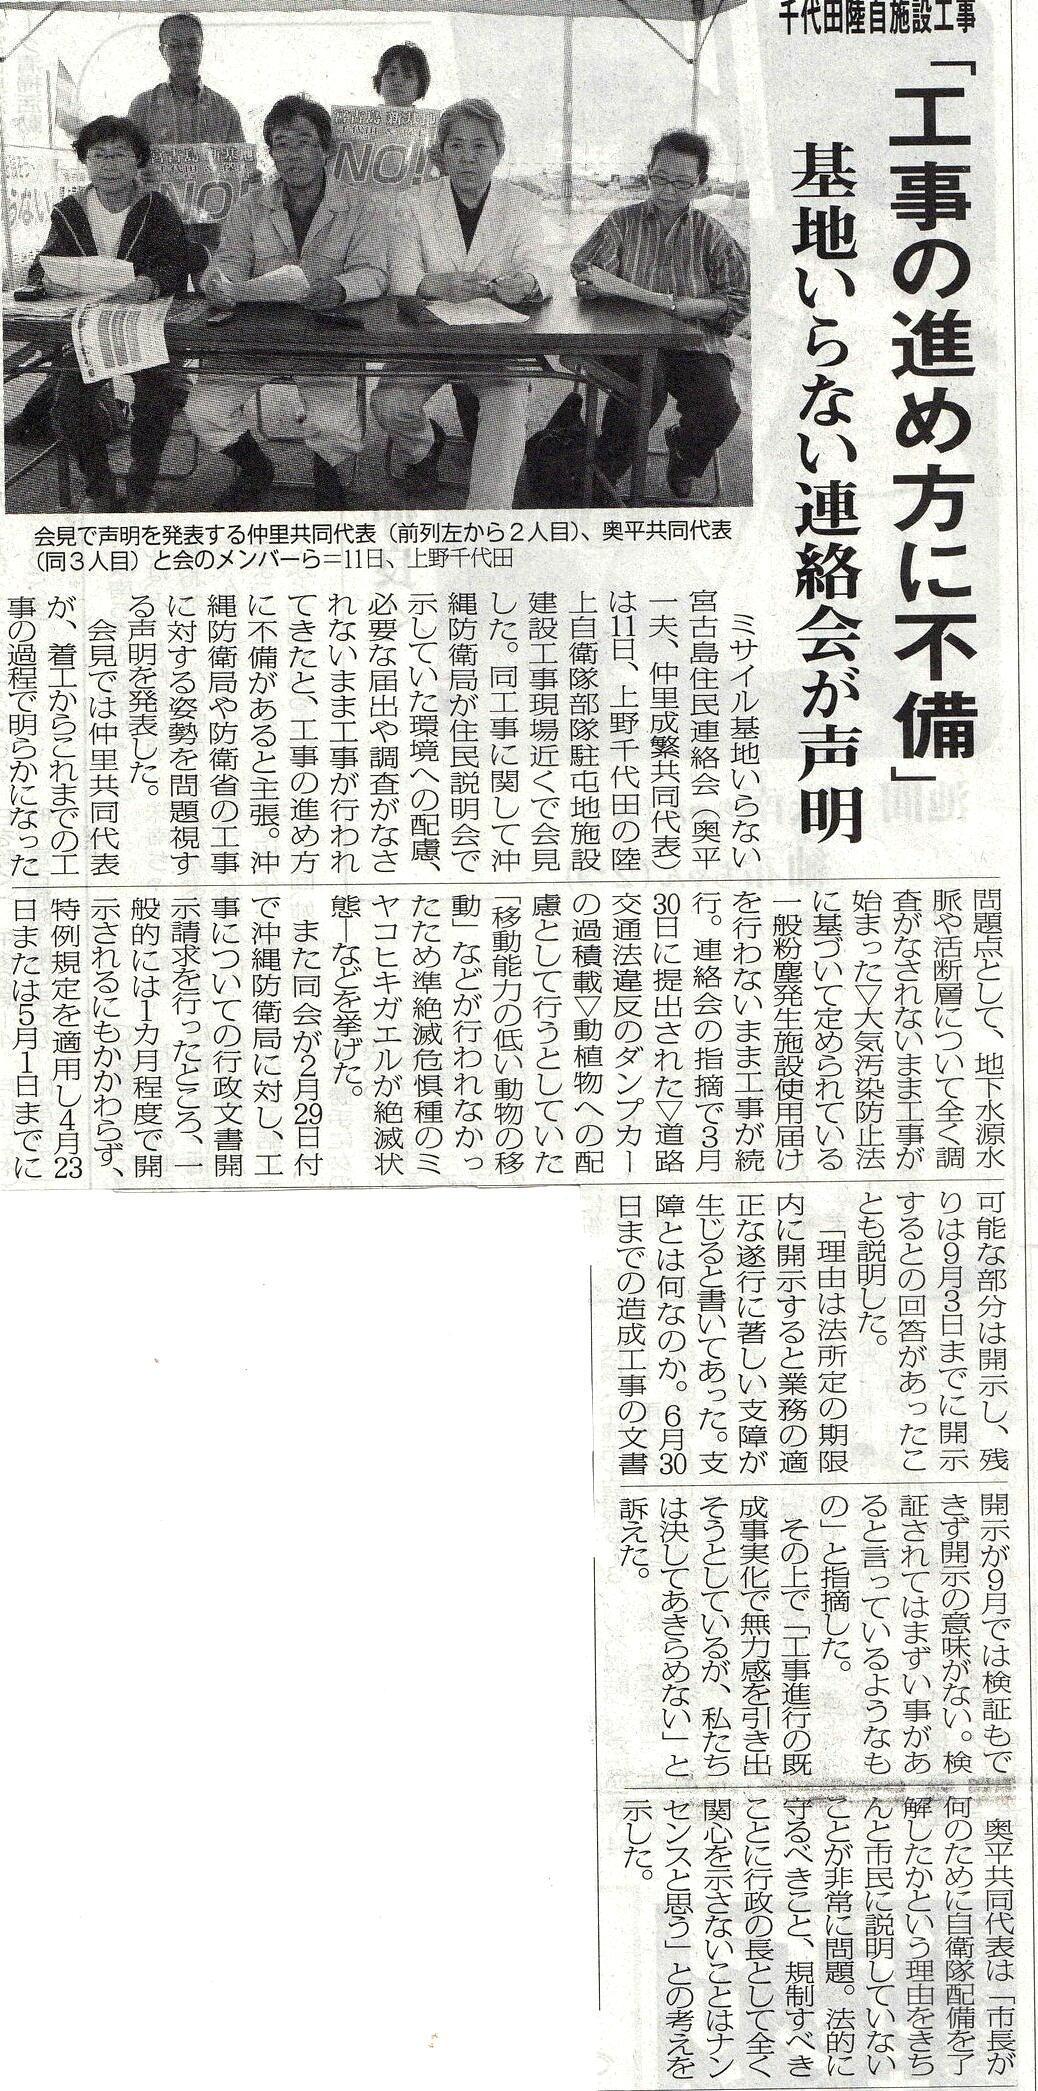 miyakomainichi2018 04121